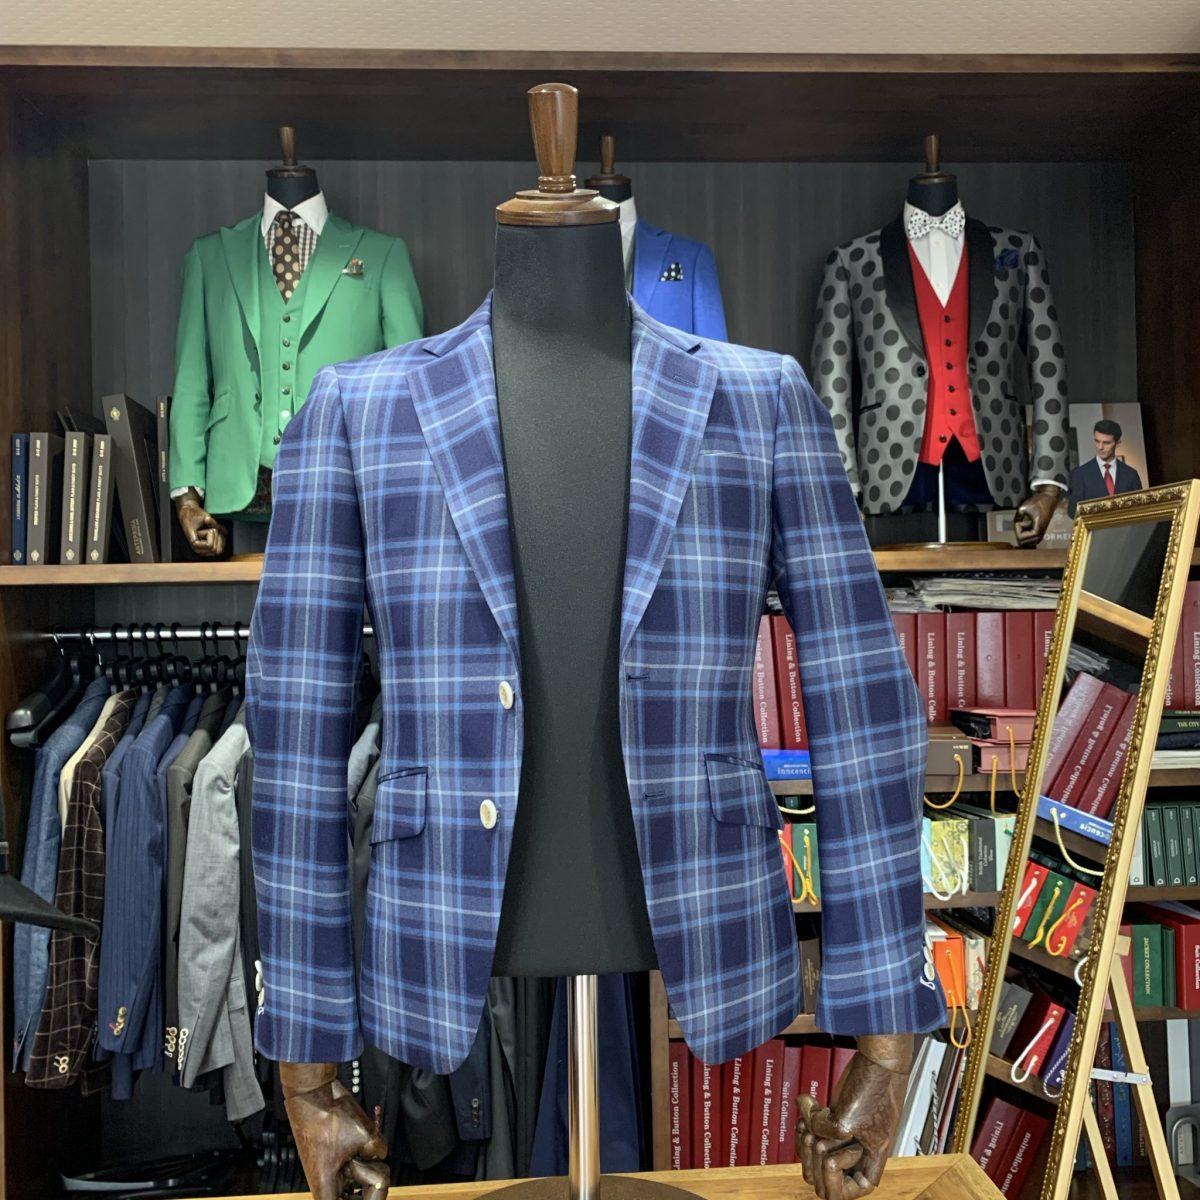 滋賀県甲賀市Y様のオーダースーツを仕上げさせていただきました!